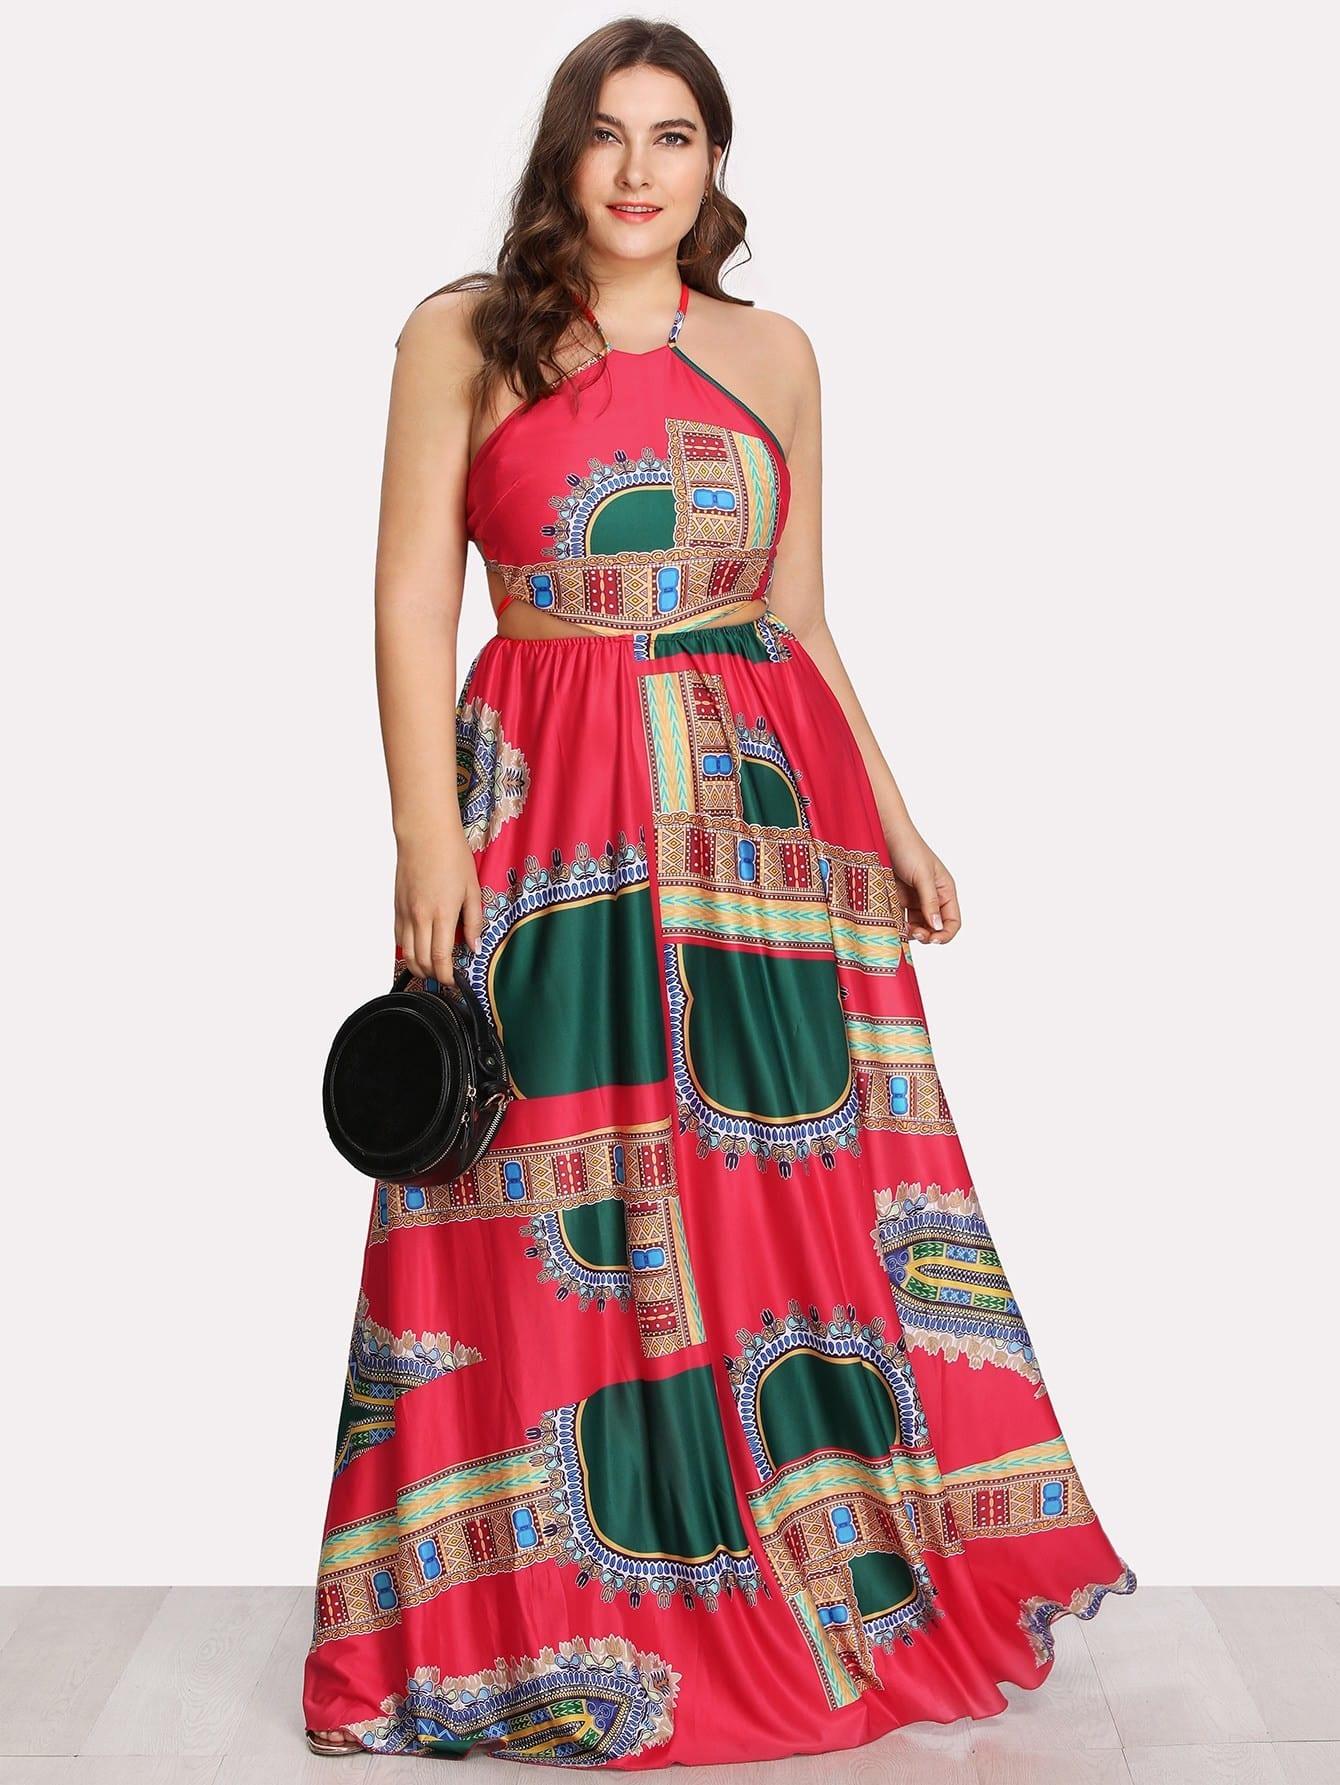 Ornate Print Lace Up Backless Dress butterfly print lace up slip dress